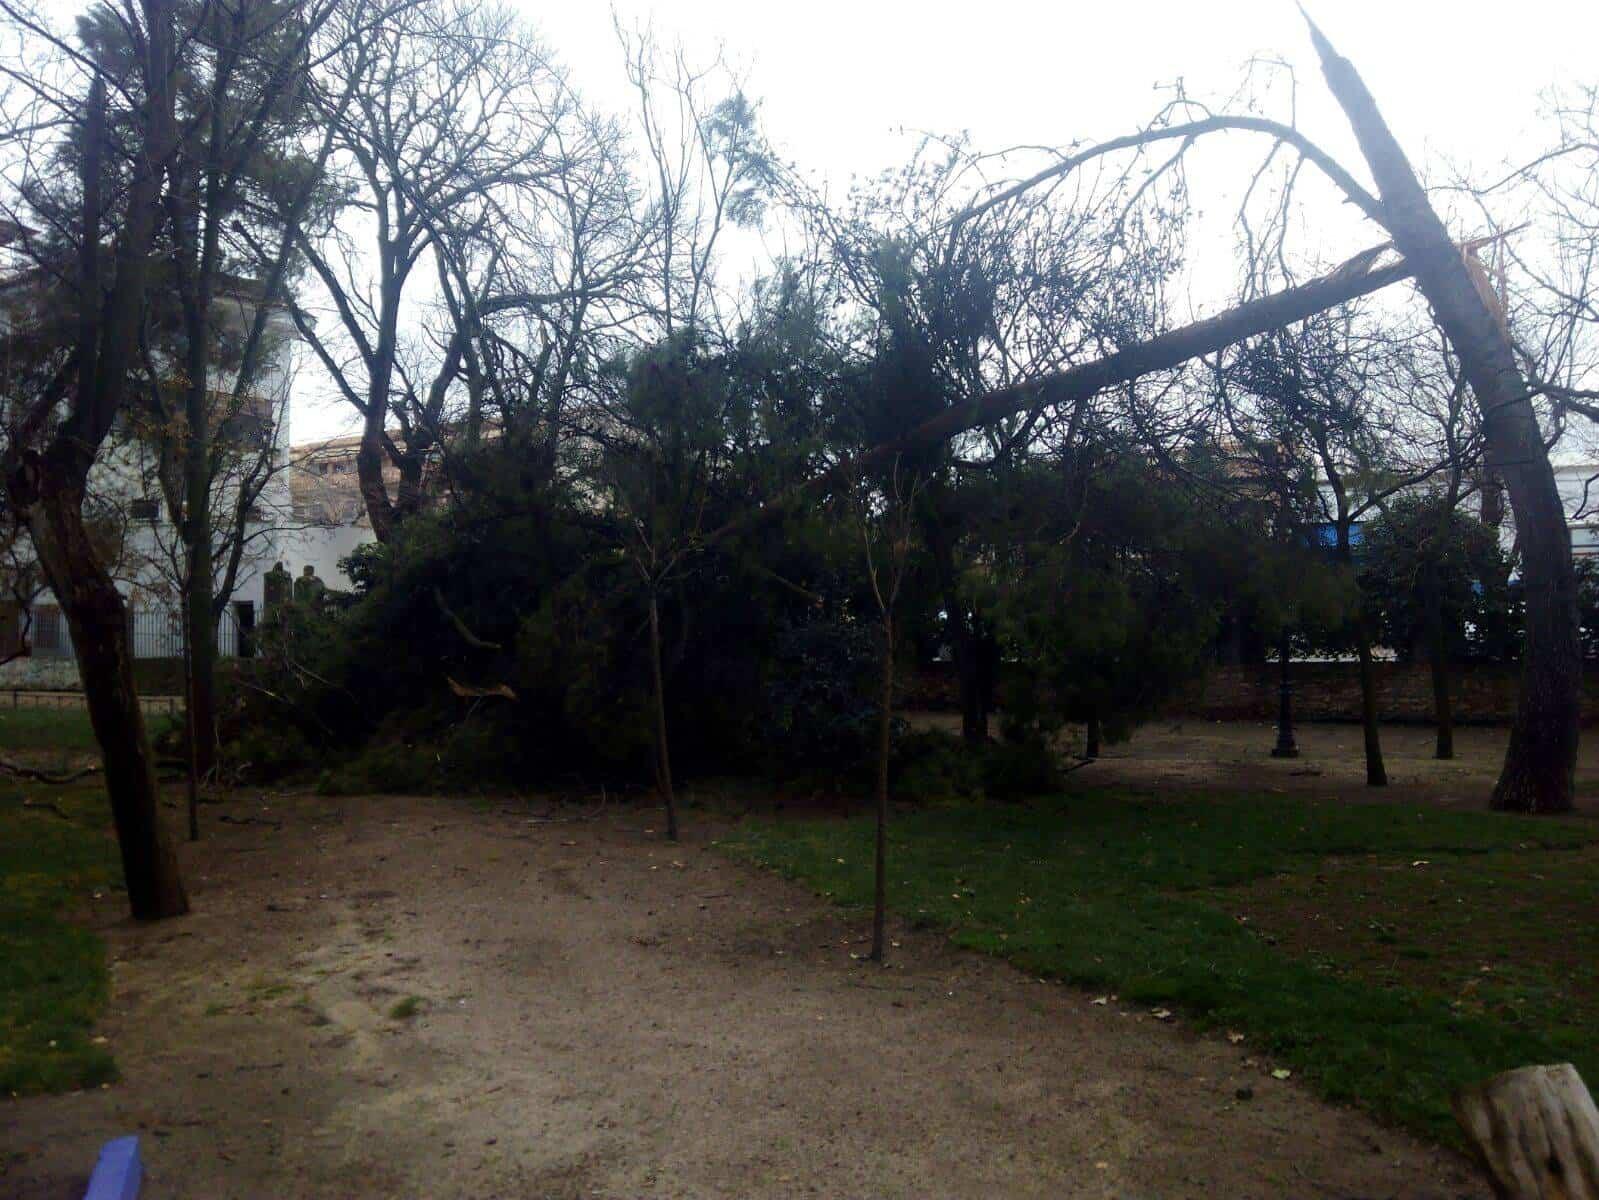 parque municipal herencia cerrado vientos - Parque Municipal cerrado por los daños ocasionados por el temporal